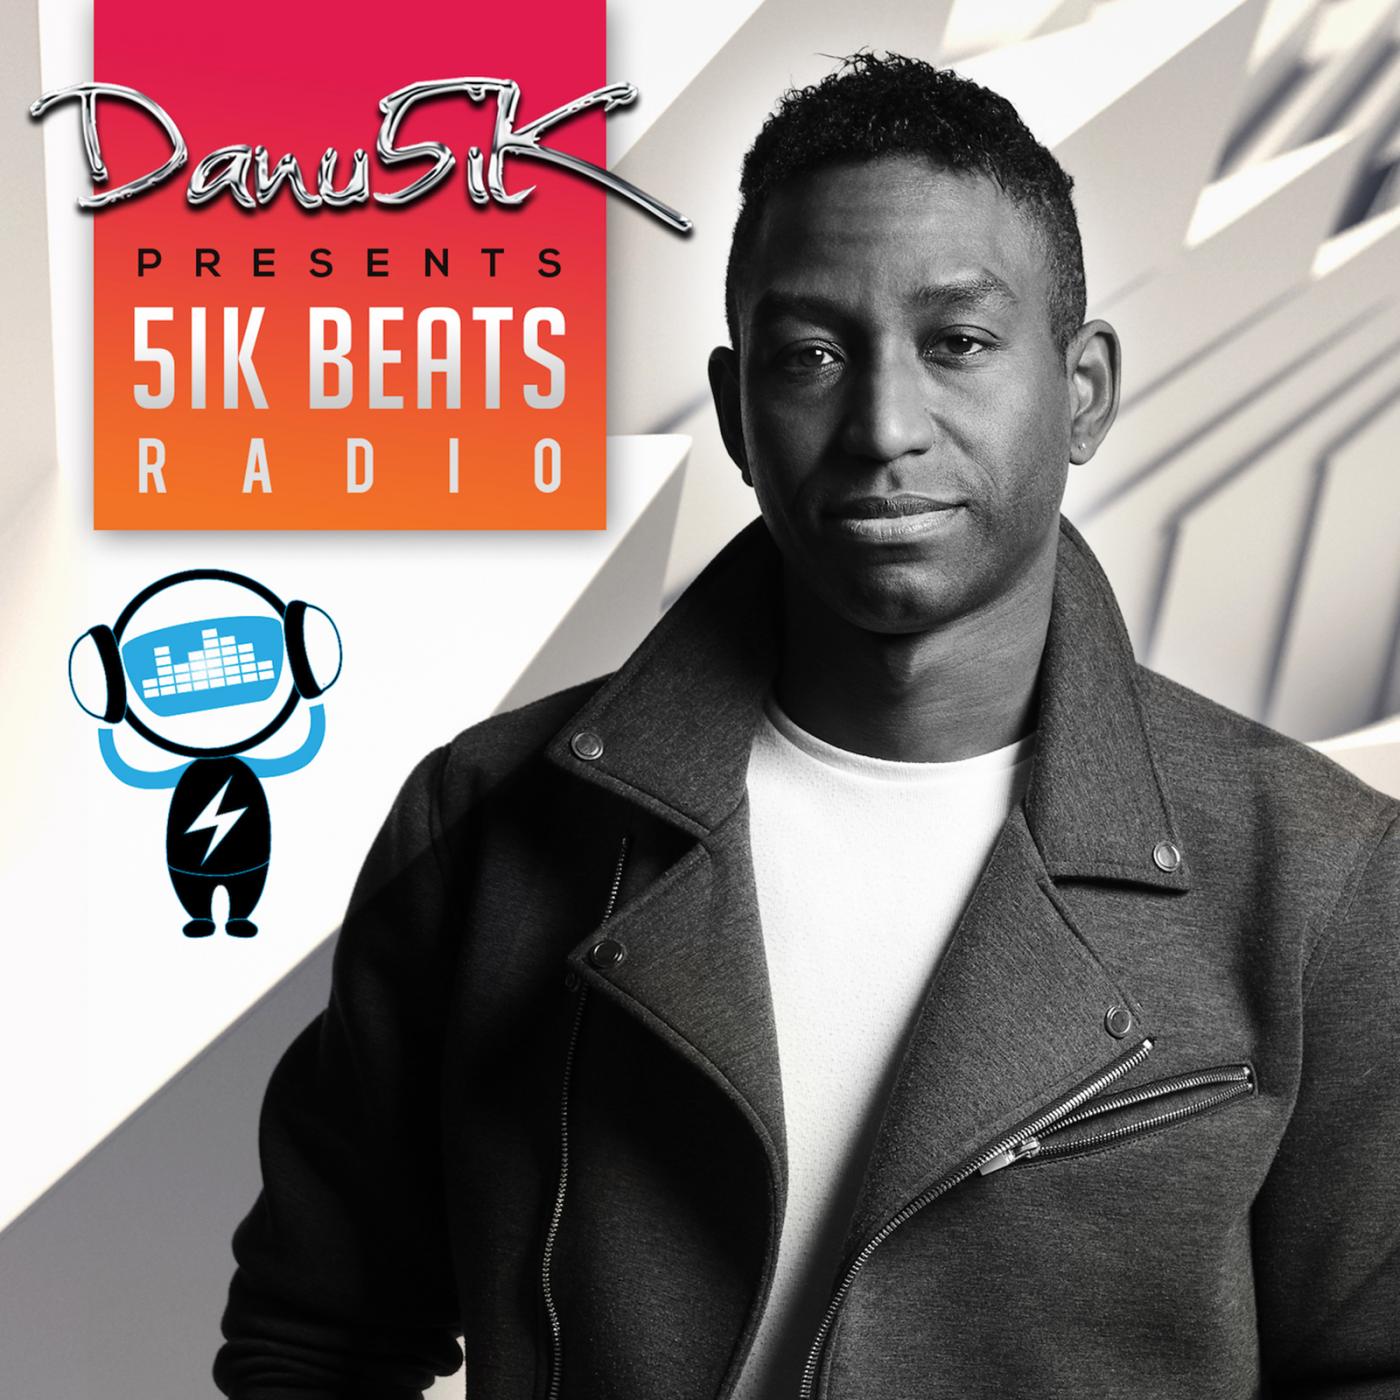 5ik Beats Radio 106 | Danu5ik